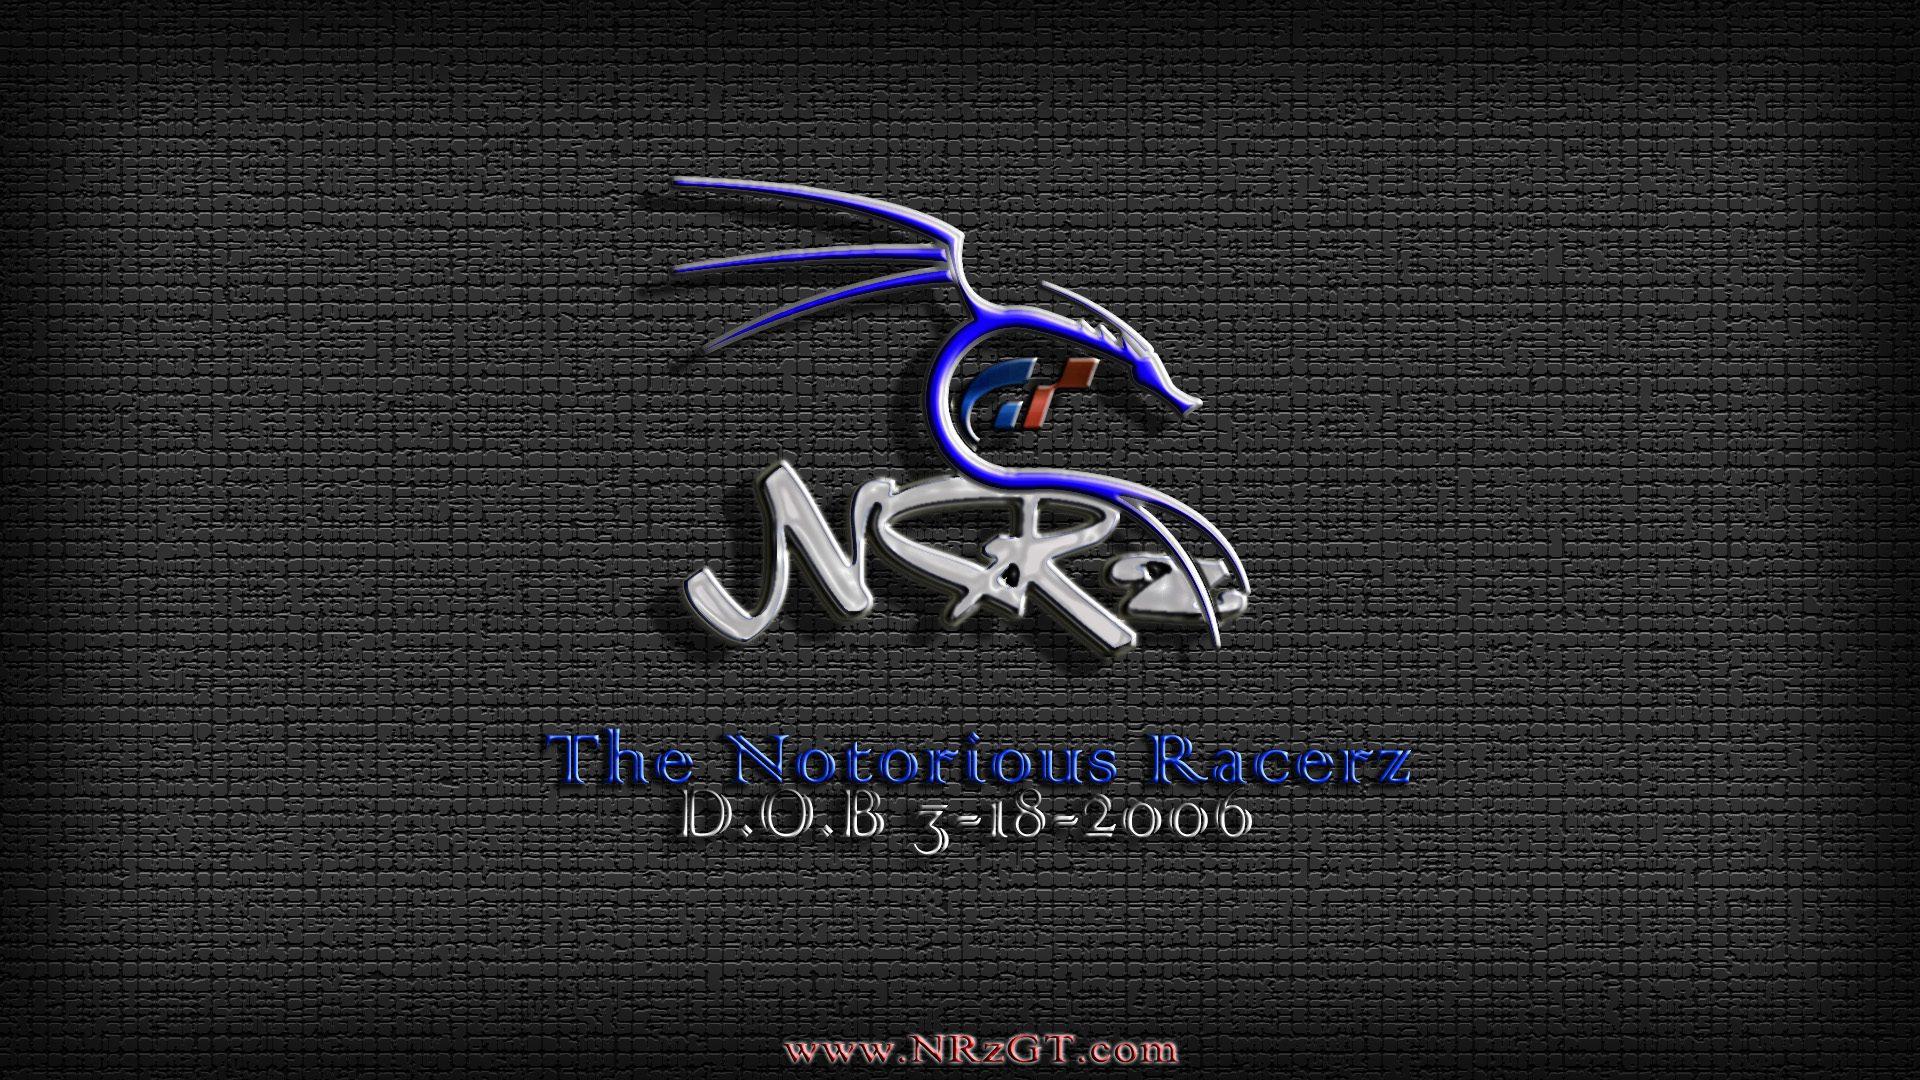 NRzGT-Official-Wallpaper.jpg